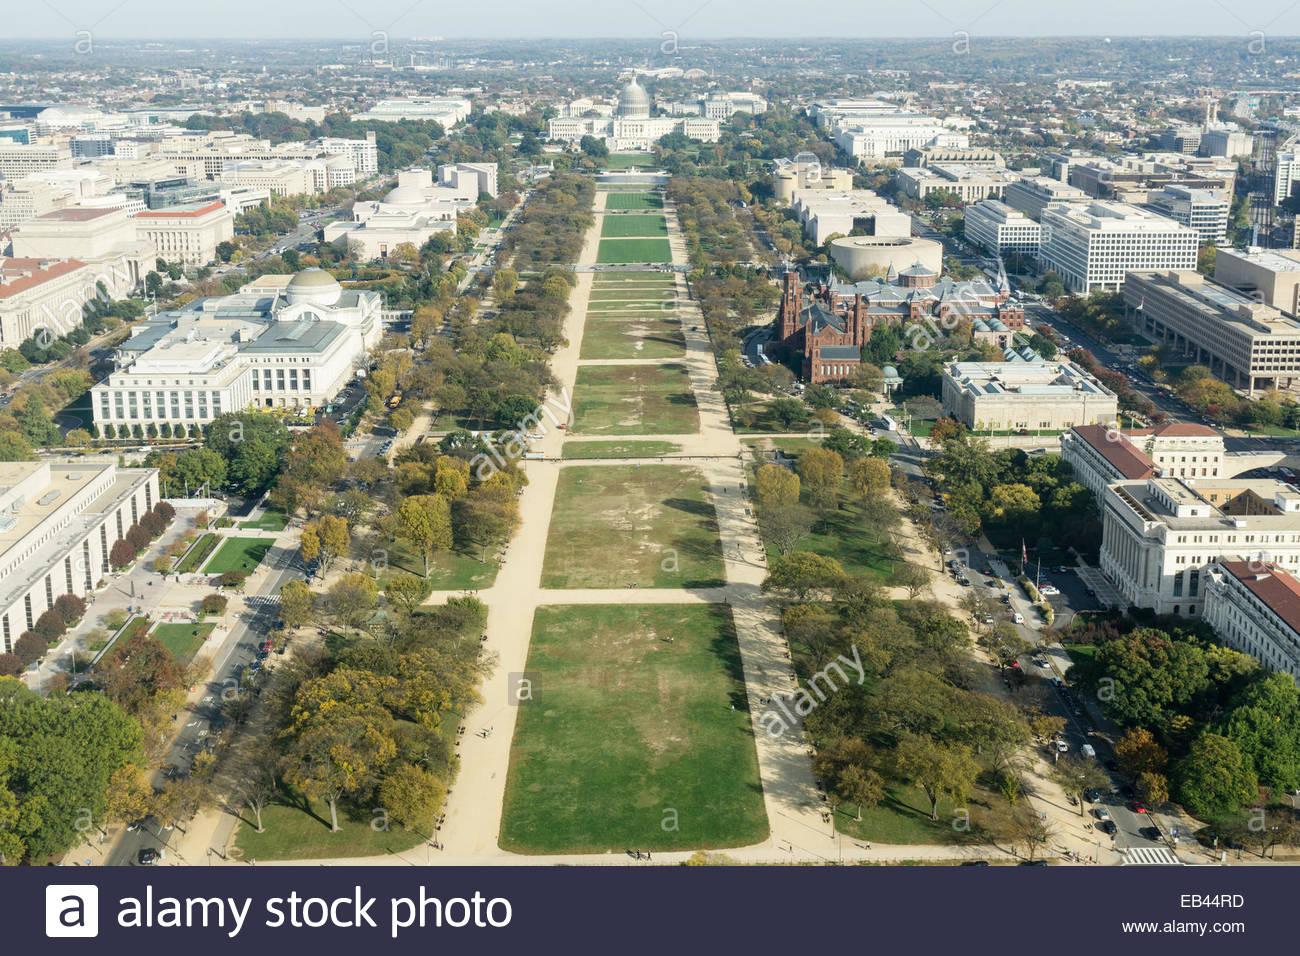 Luftbild von der National Mall vom Washington Monument auf dem Kapitol. Stockbild